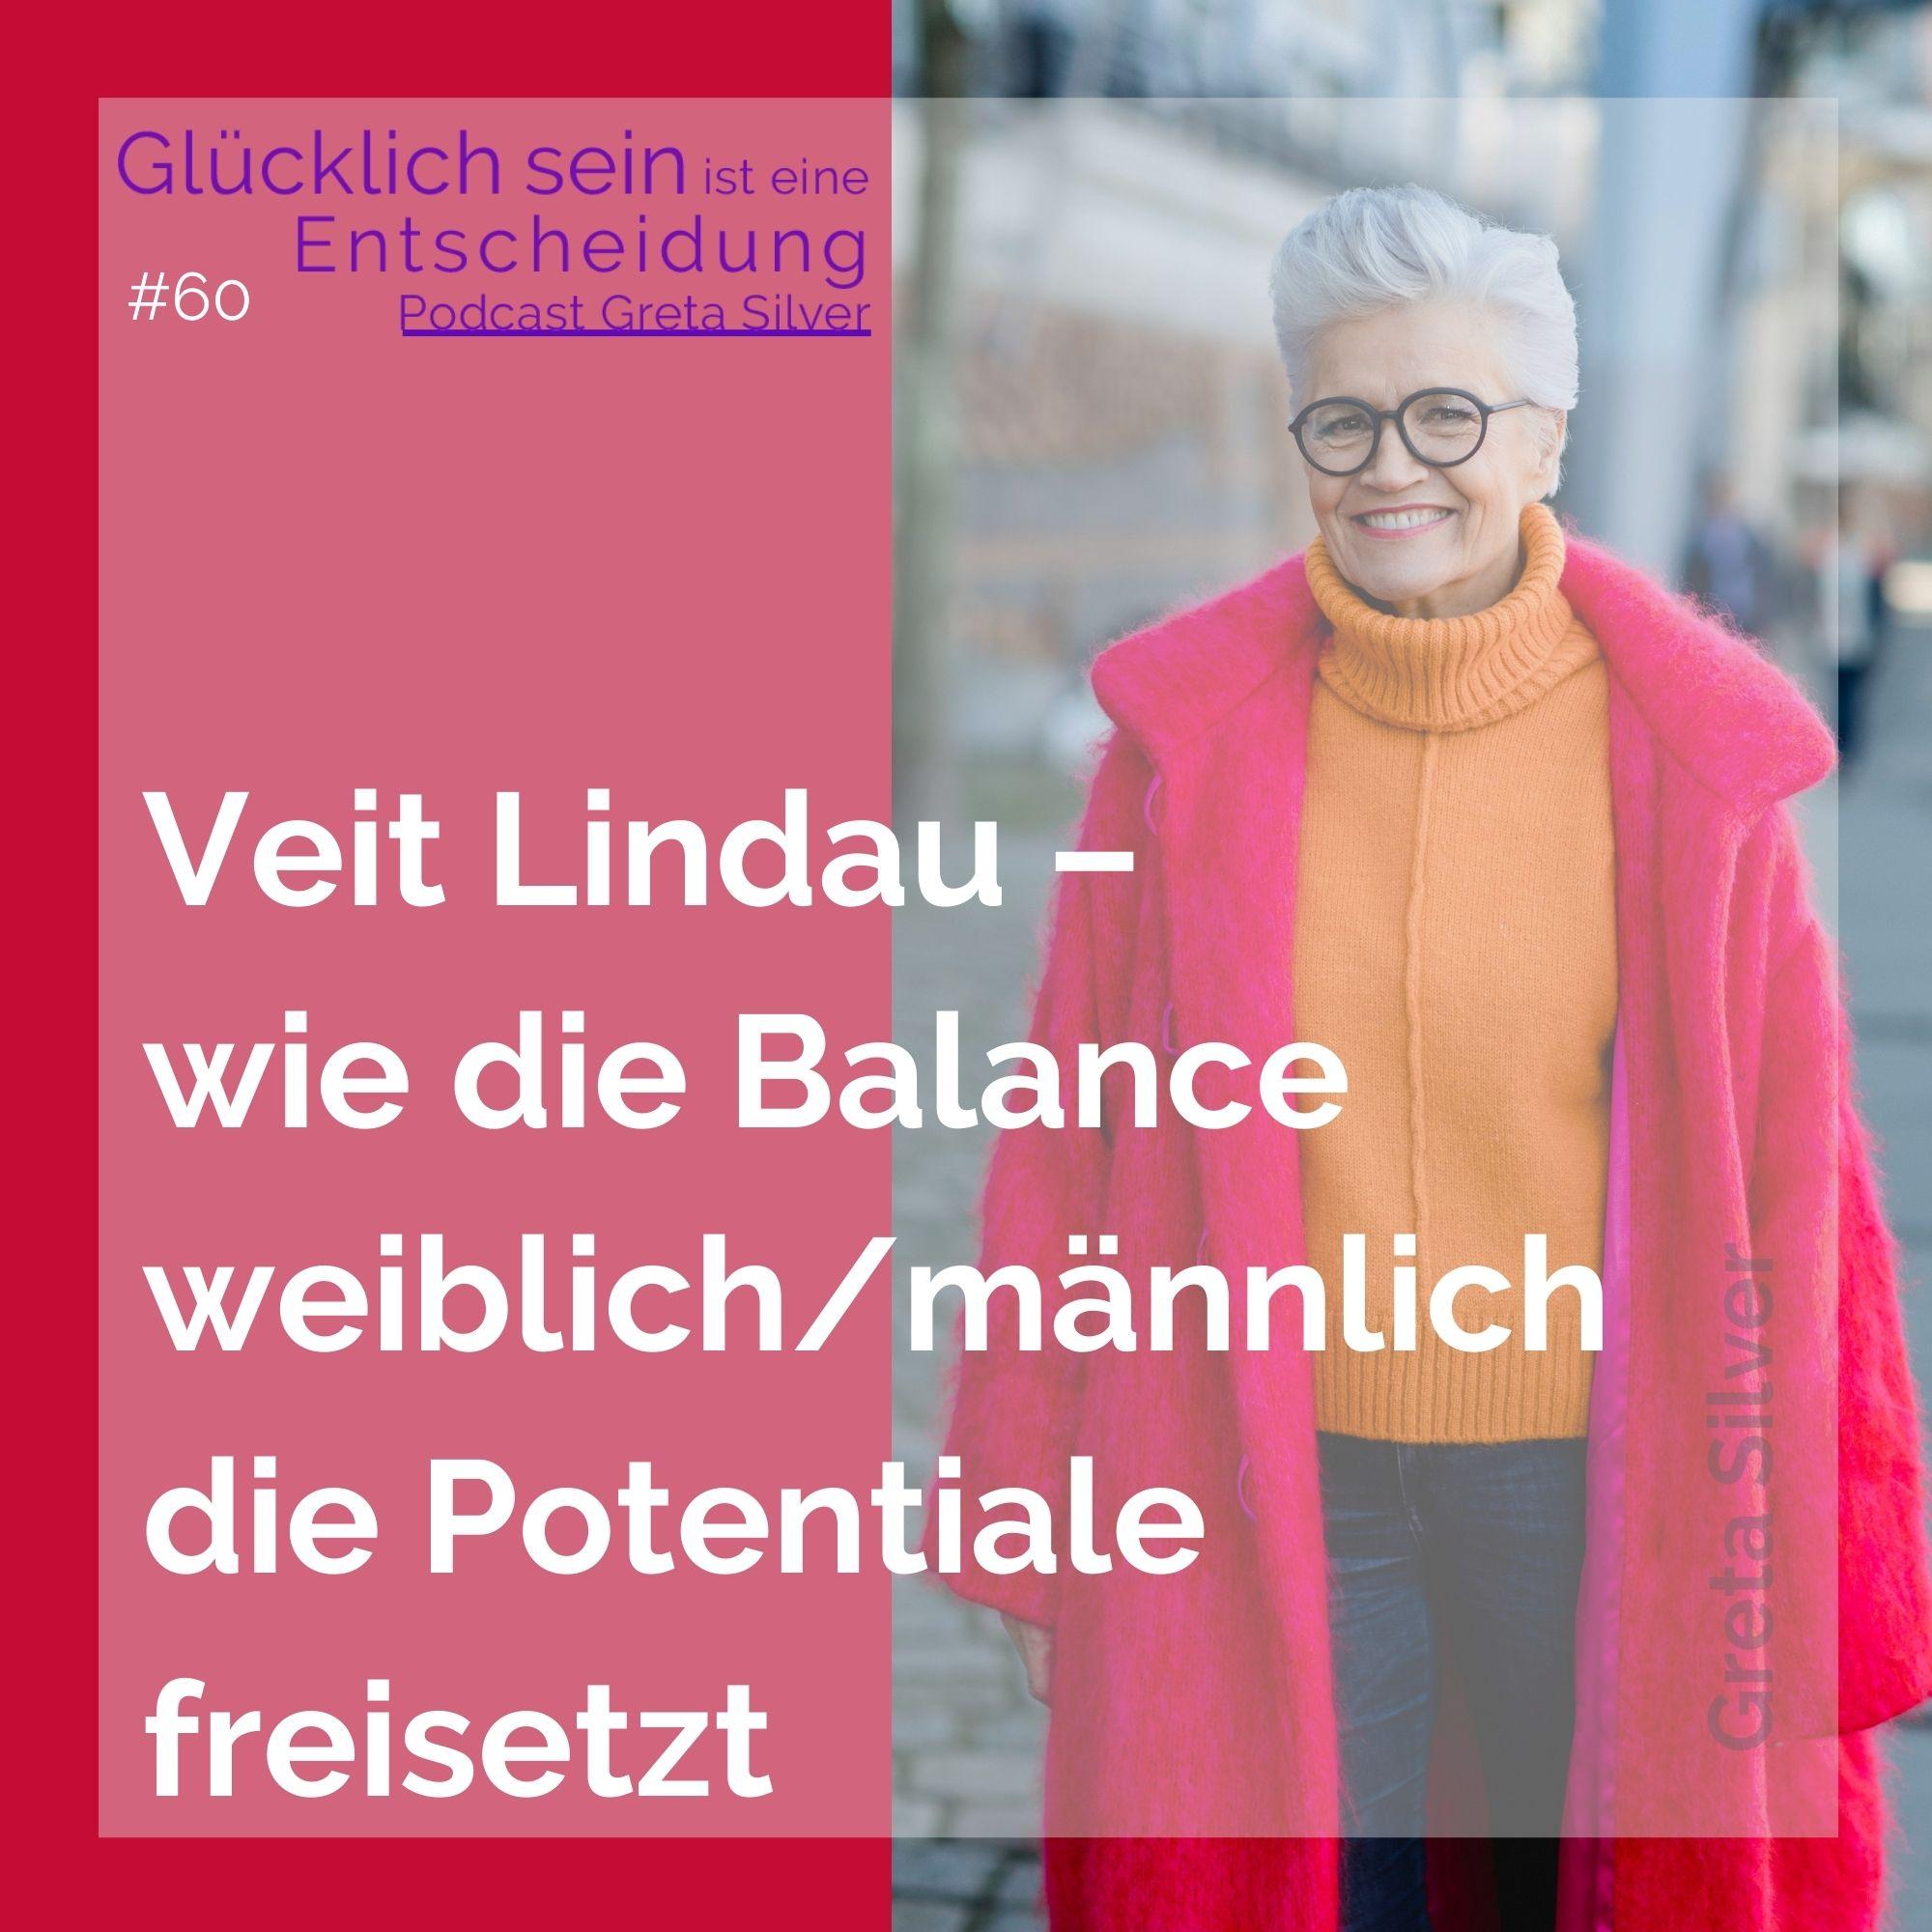 #60 Veit Lindau – wie die Balance weiblich/männlich die Potentiale freisetzt